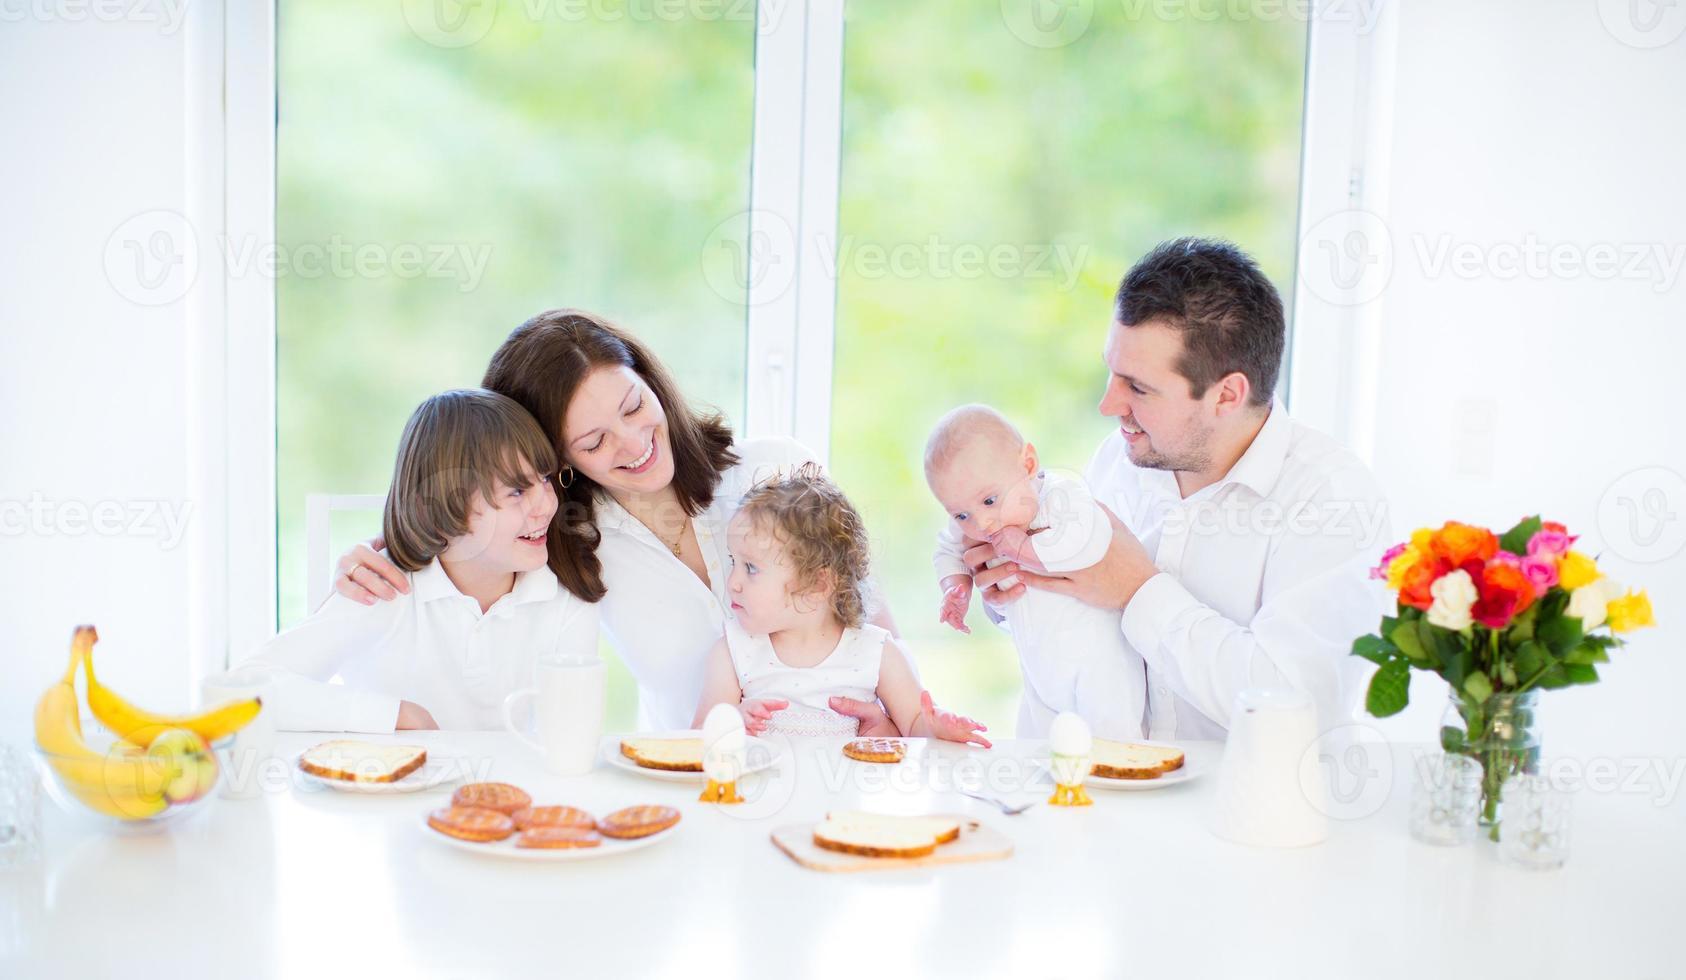 jeune famille, à, trois enfants, apprécier, petit déjeuner, près, grande fenêtre photo